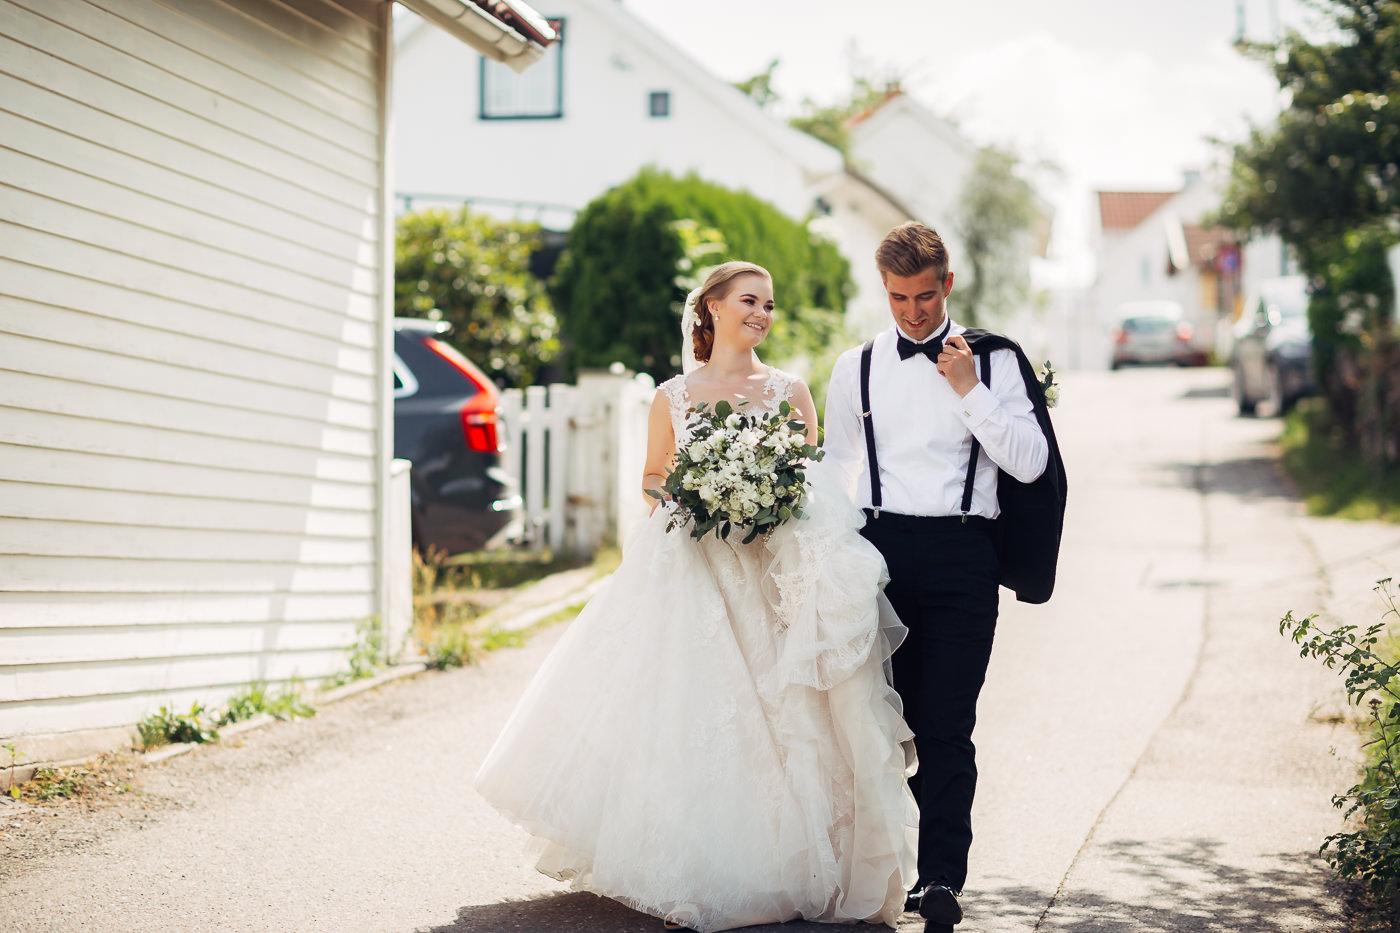 Marte & Mathias - heldagsfotografering i Horten med magisk avslutning Bryllup Dal Gjestegard Horten Vestfold 27